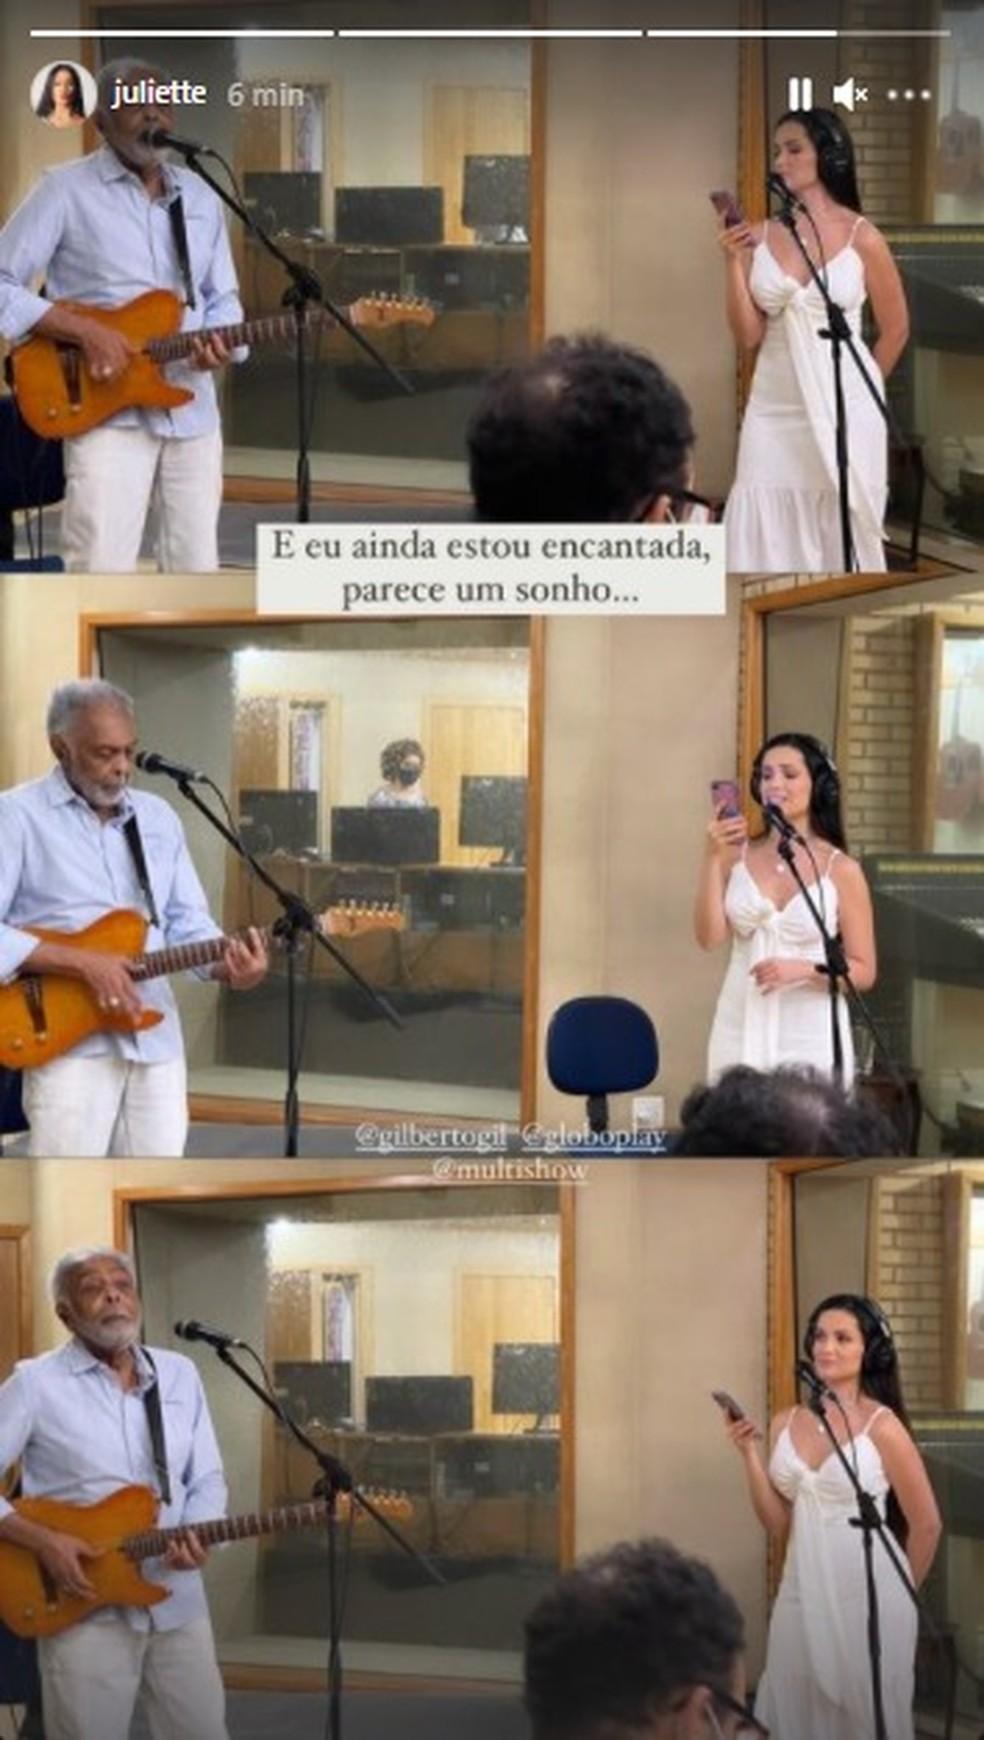 Juliette fará uma participação na live de Gilberto Gil no próximo dia 13/6 — Foto: reprodução Instagram